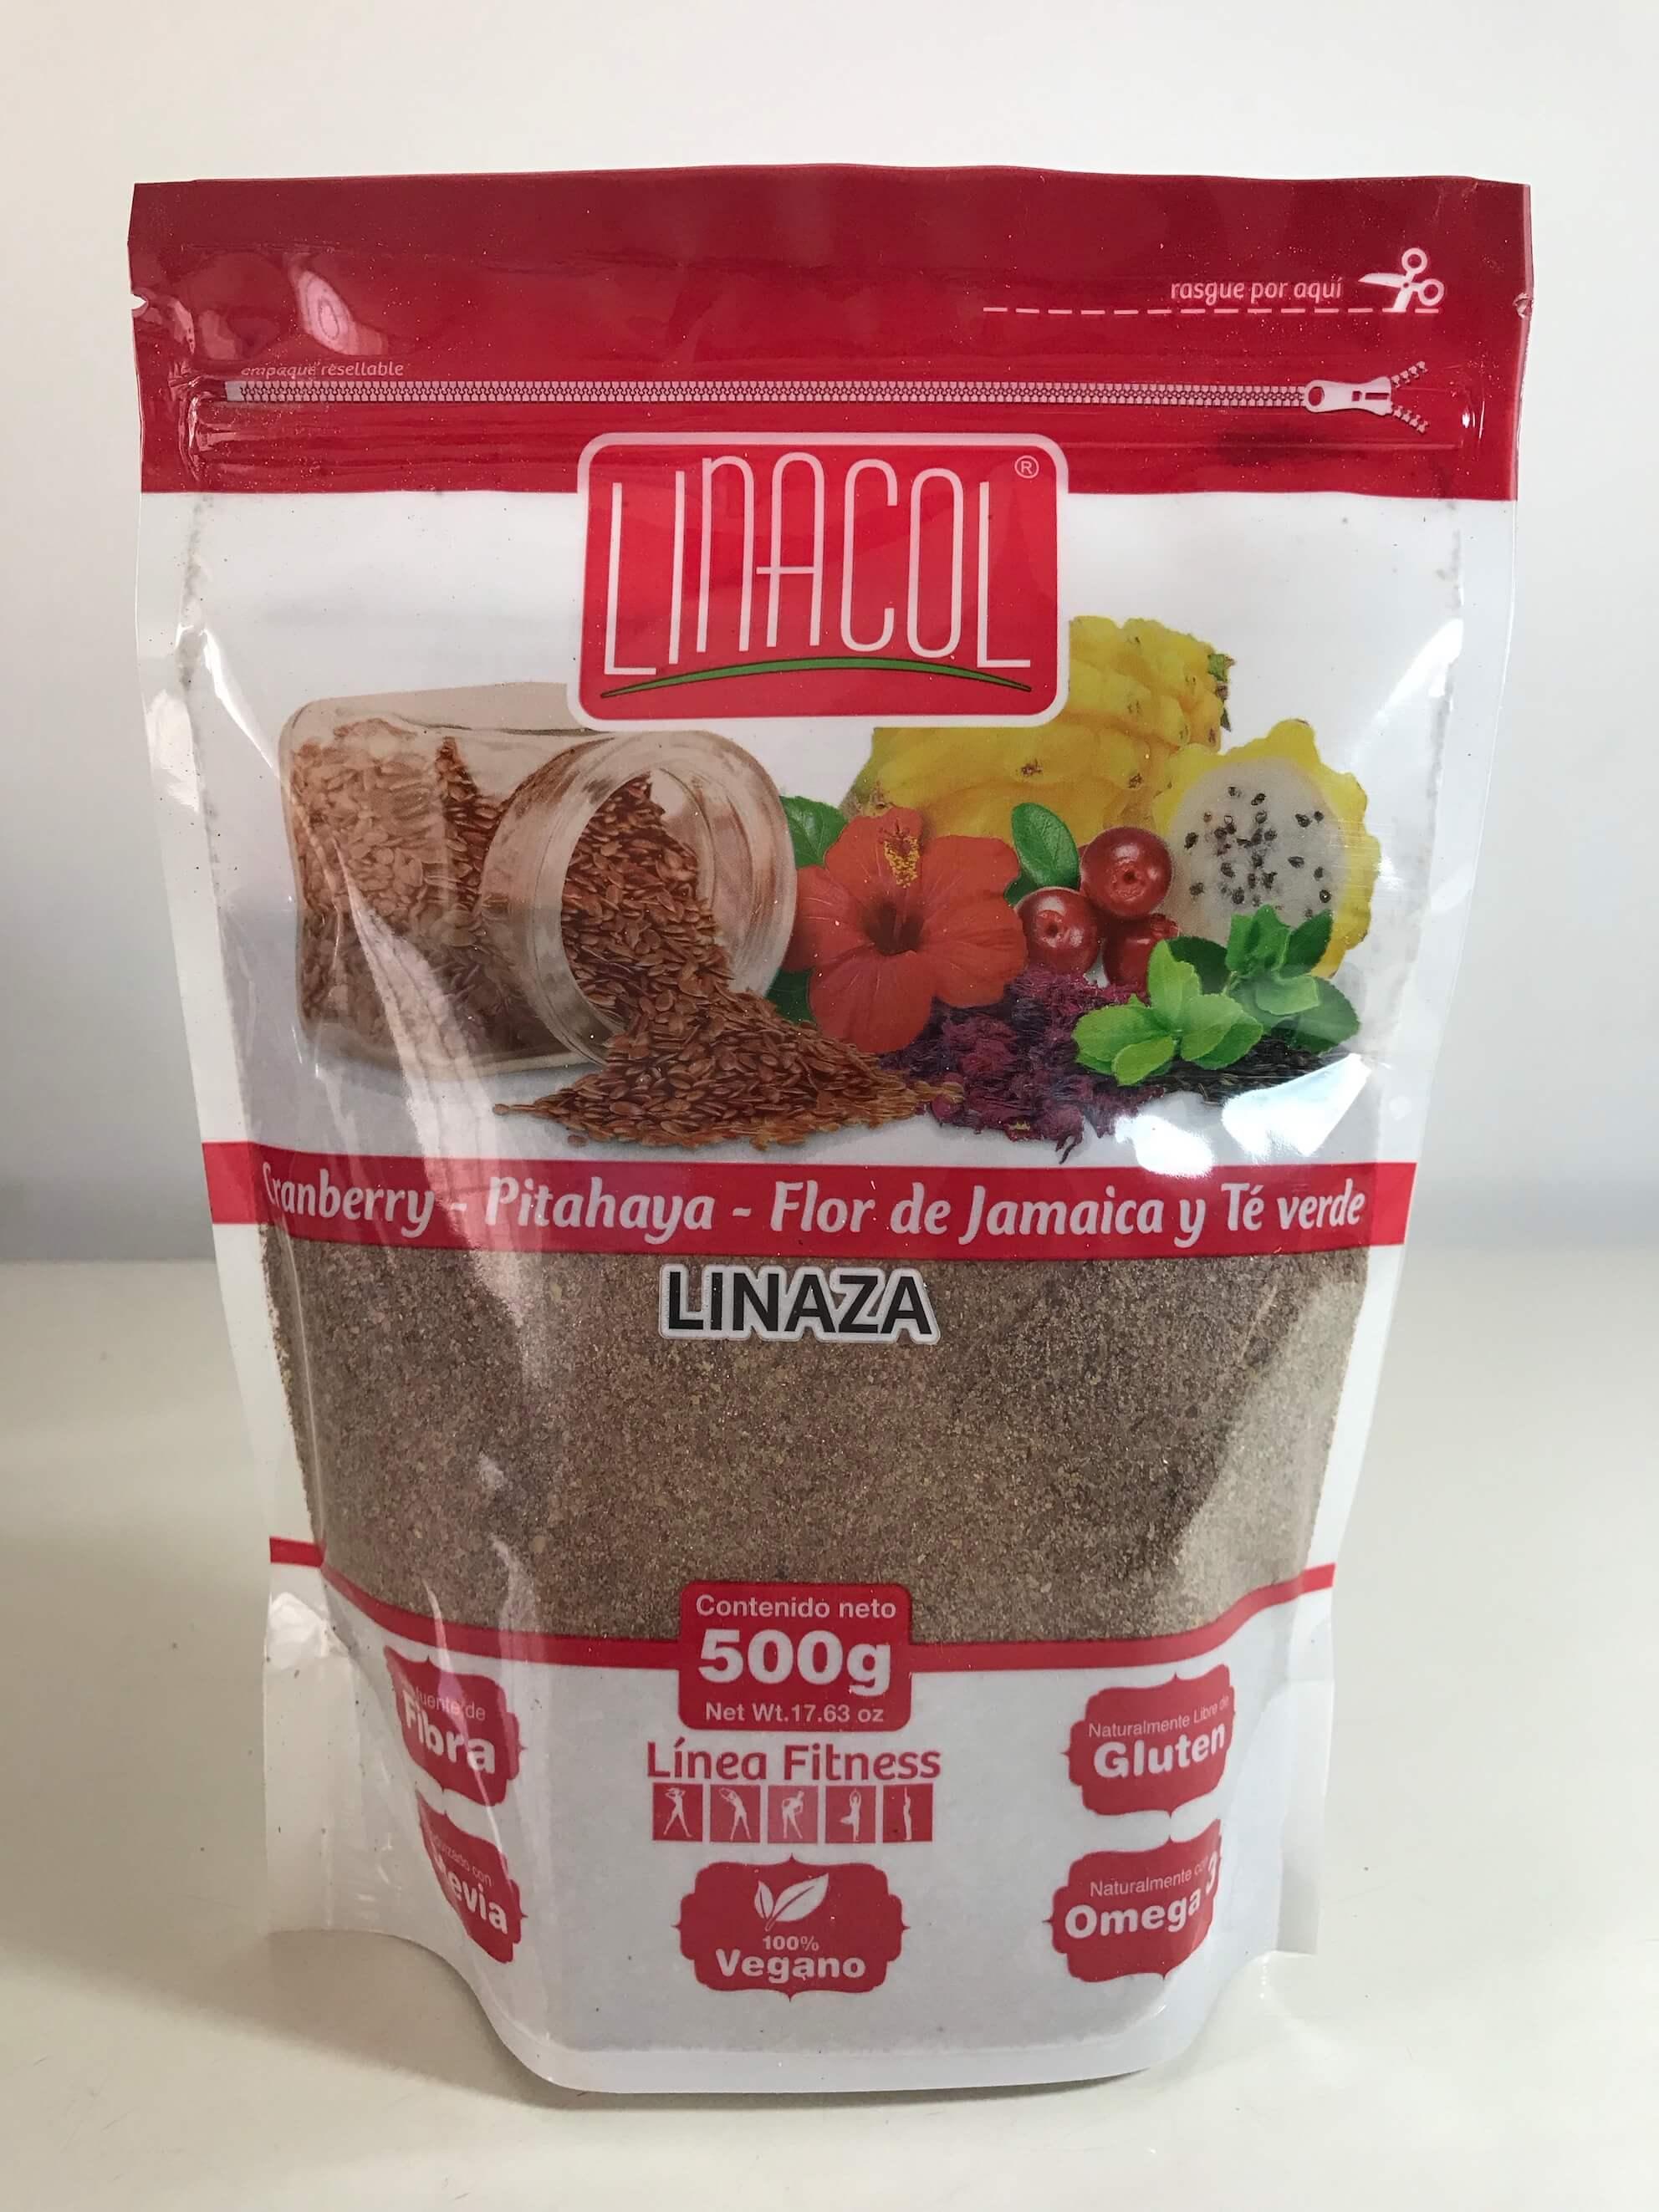 Fibra-digestiva-Linaza-roja-Munsa.jpeg